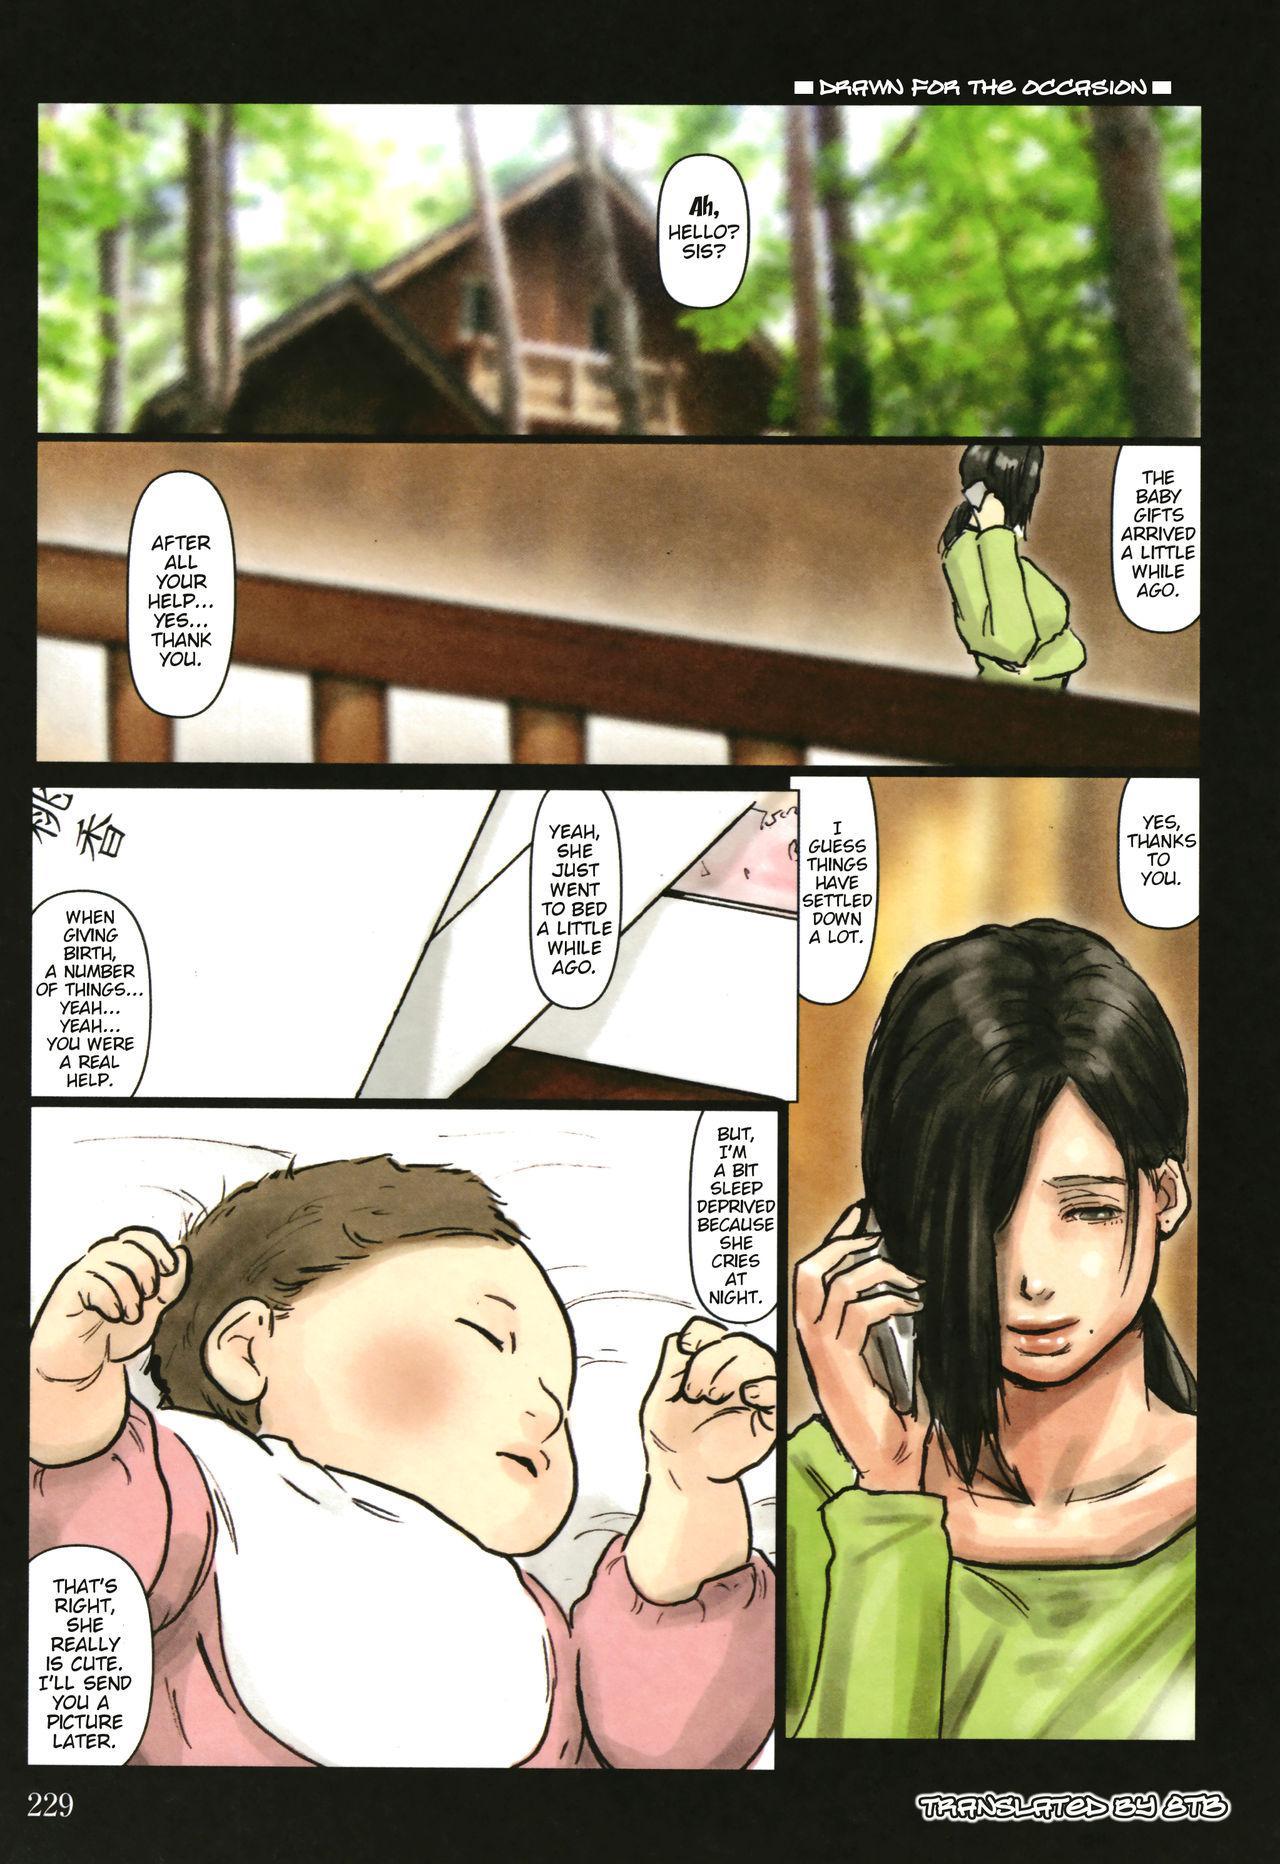 [Kuroneko Smith] Oba-san no Karada ga Kimochi Yosugiru kara ~Boku no Oba-san wa Chou Meiki Datta~ Kakioroshi | My Aunt's Body Is Irresistible ~ Her Hole Is the Best ~ (Bonus) [English] [8TB Translations] 0